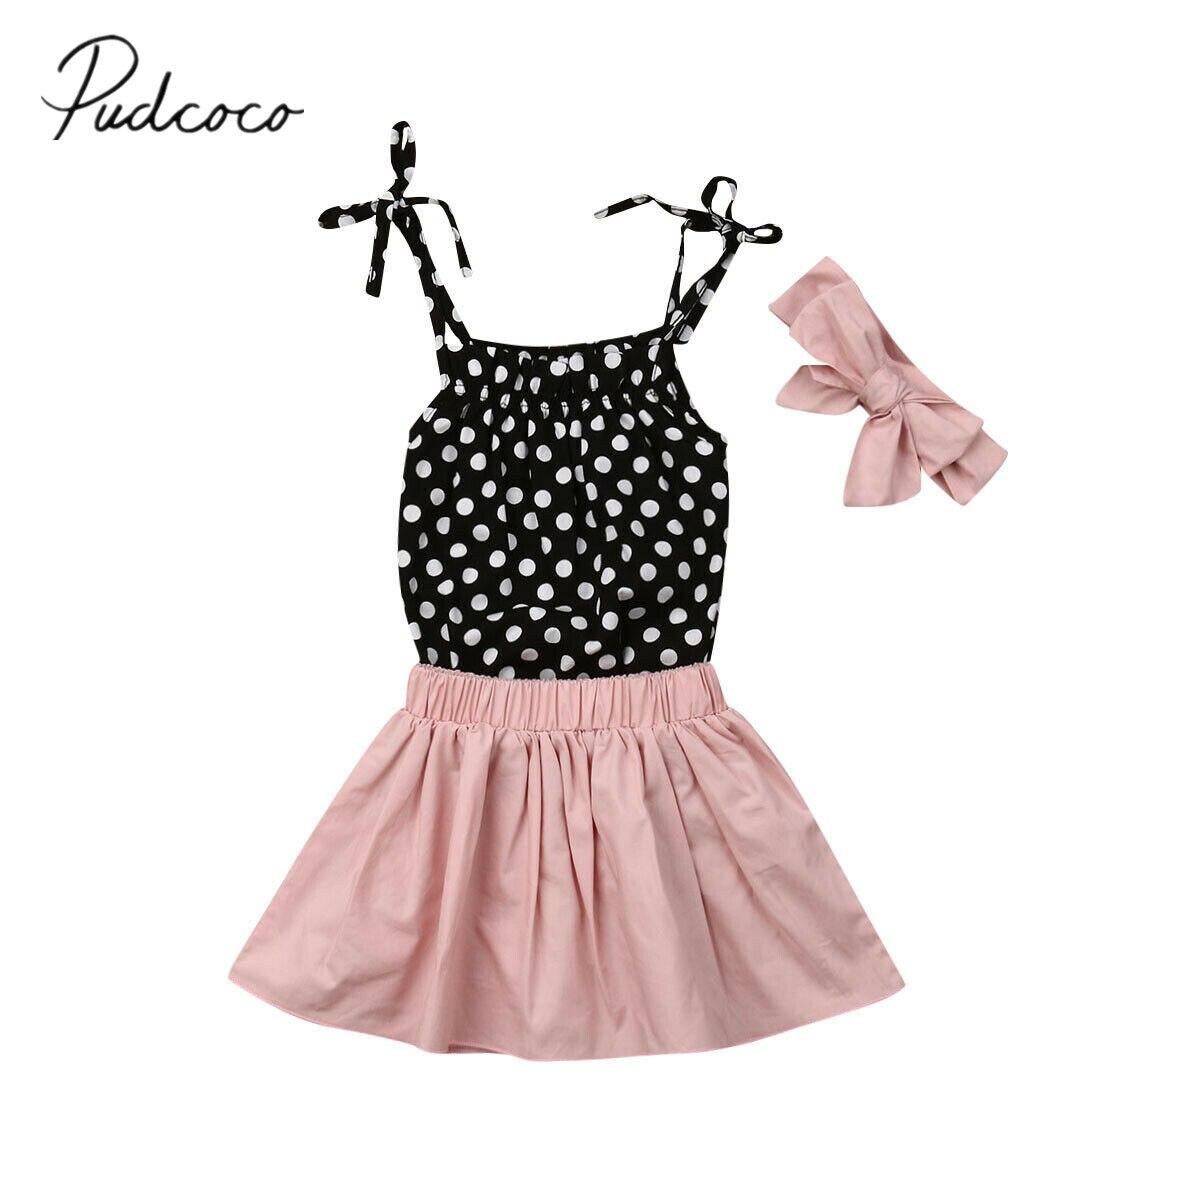 2019 Baby Sommer Kleidung Newborn Kid Baby Mädchen Rüschen Schlinge Dot Print Tops Mini Kleid Stirnband 3 Pcs Sets Outfits Kleidung 6-24 M Mild And Mellow